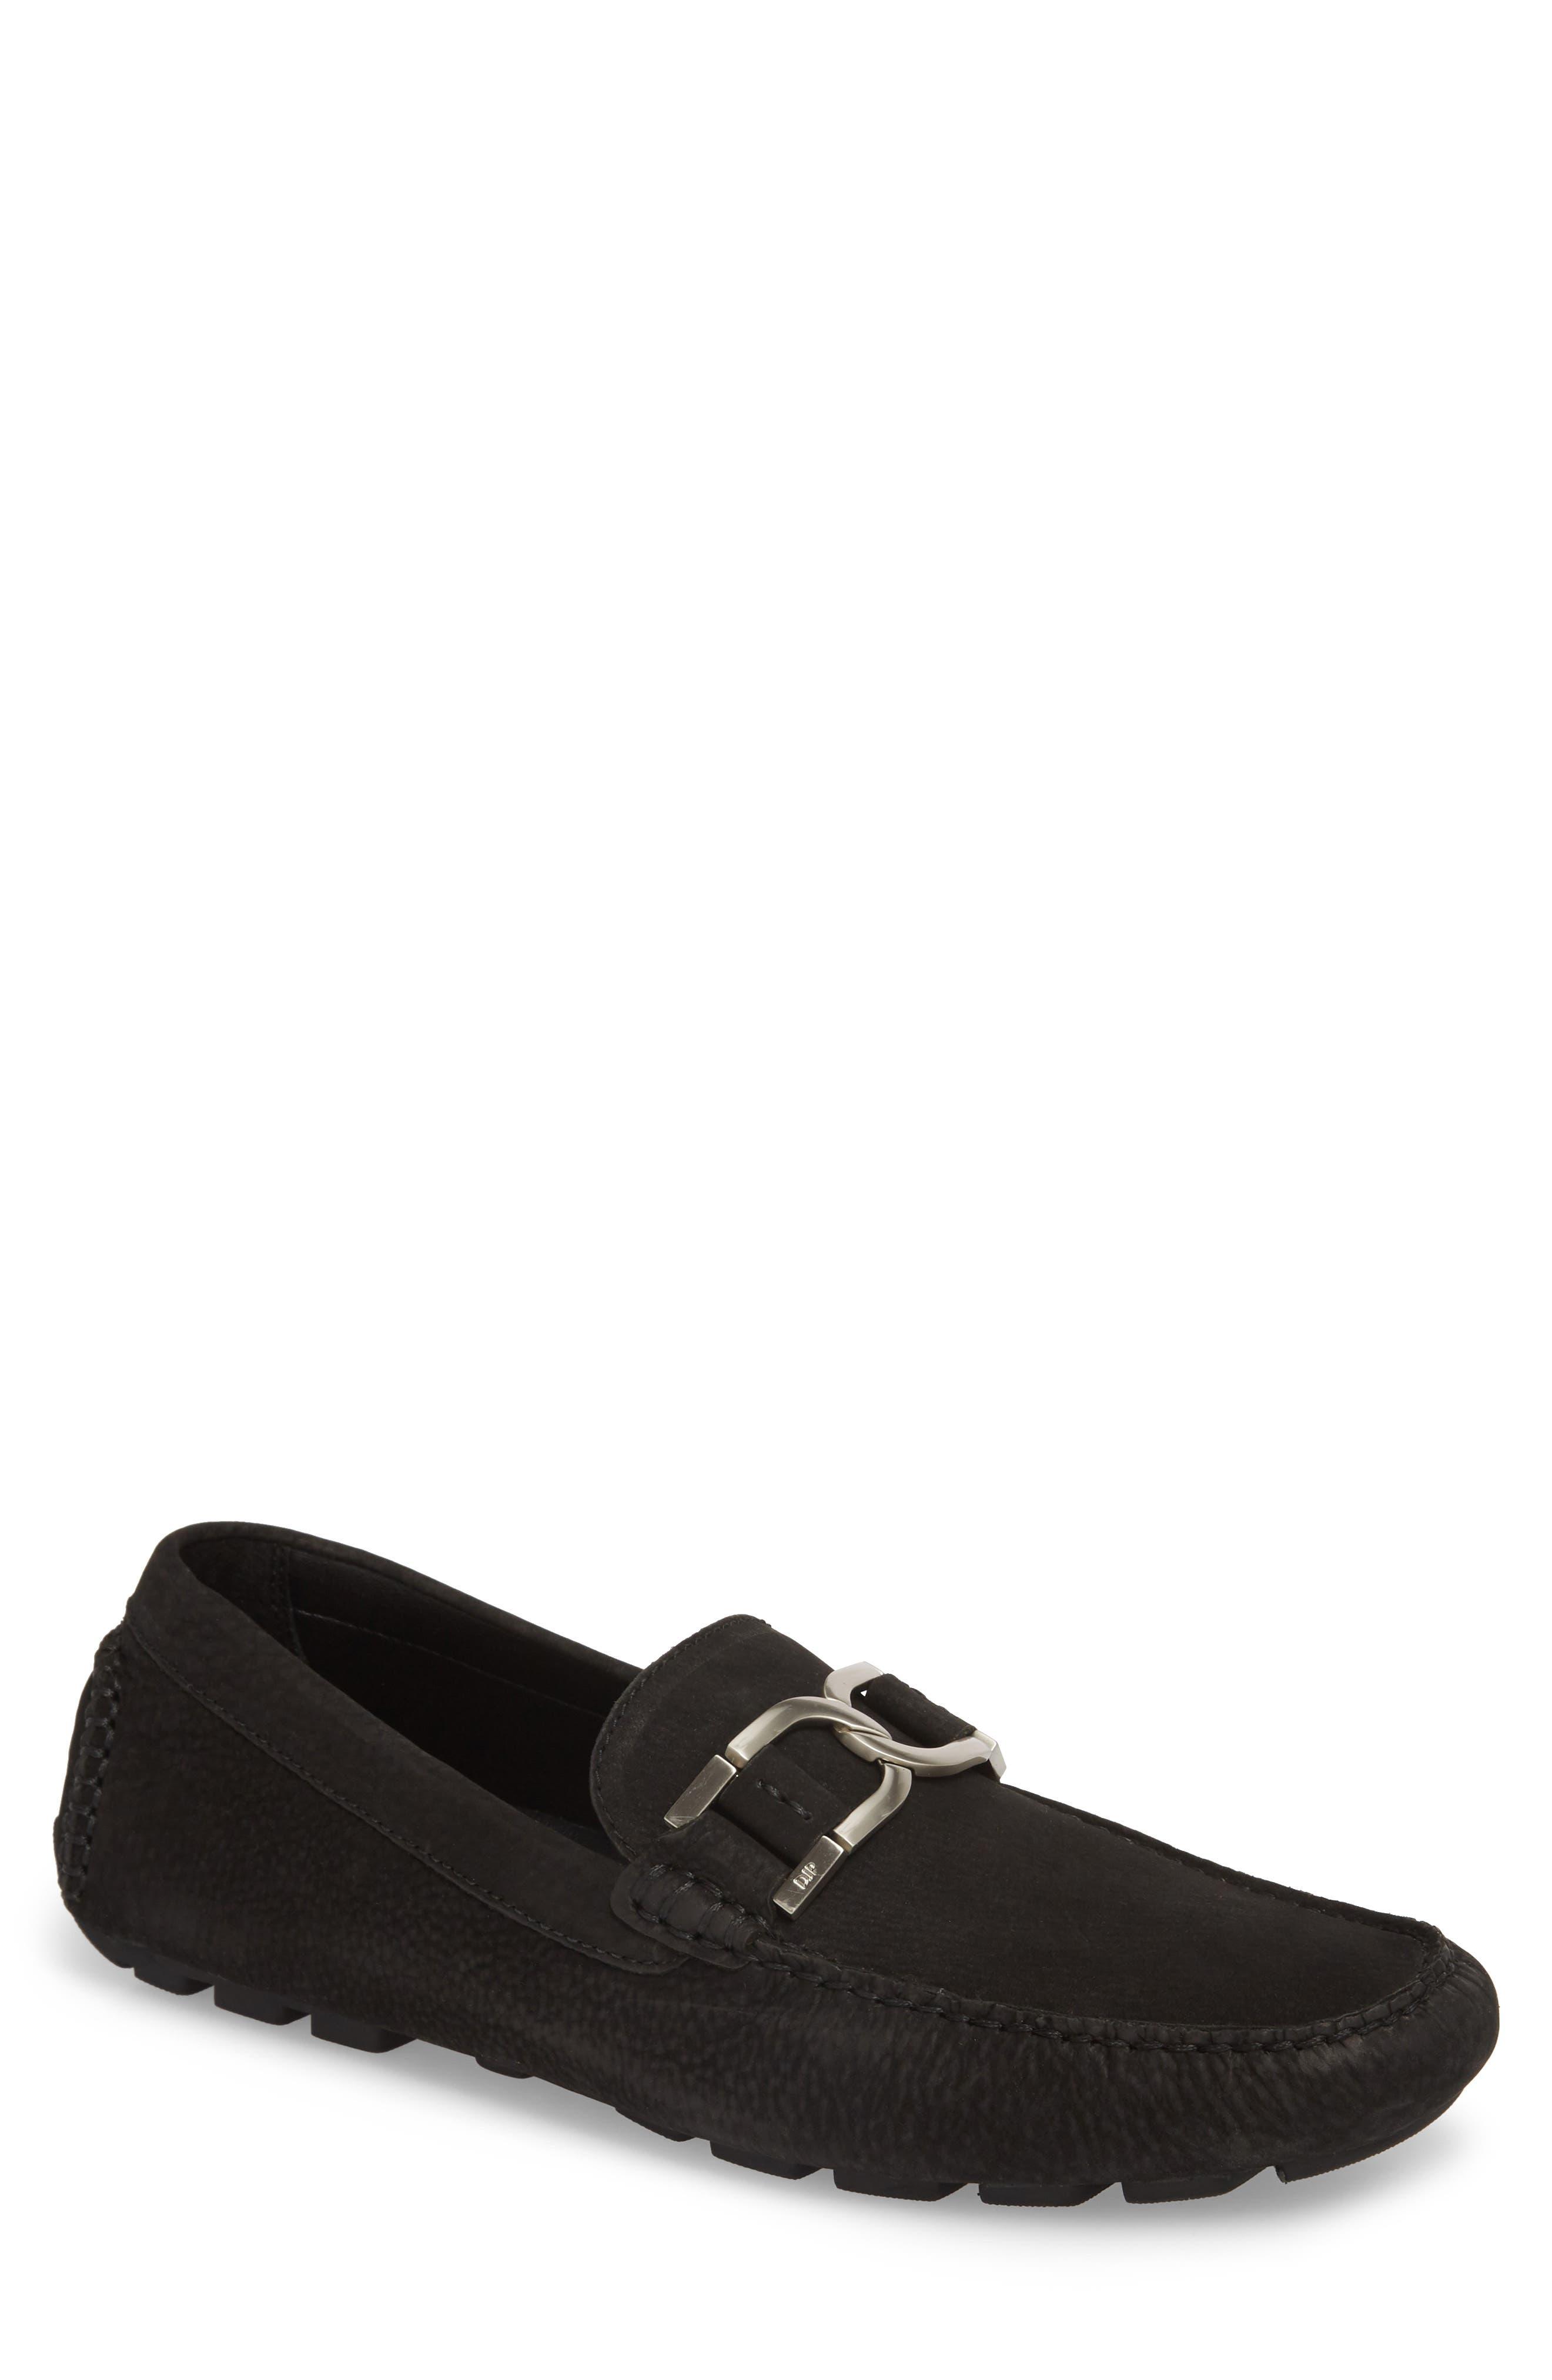 Donald J Pliner 'Derrik' Bit Driving Loafer,                         Main,                         color, Black